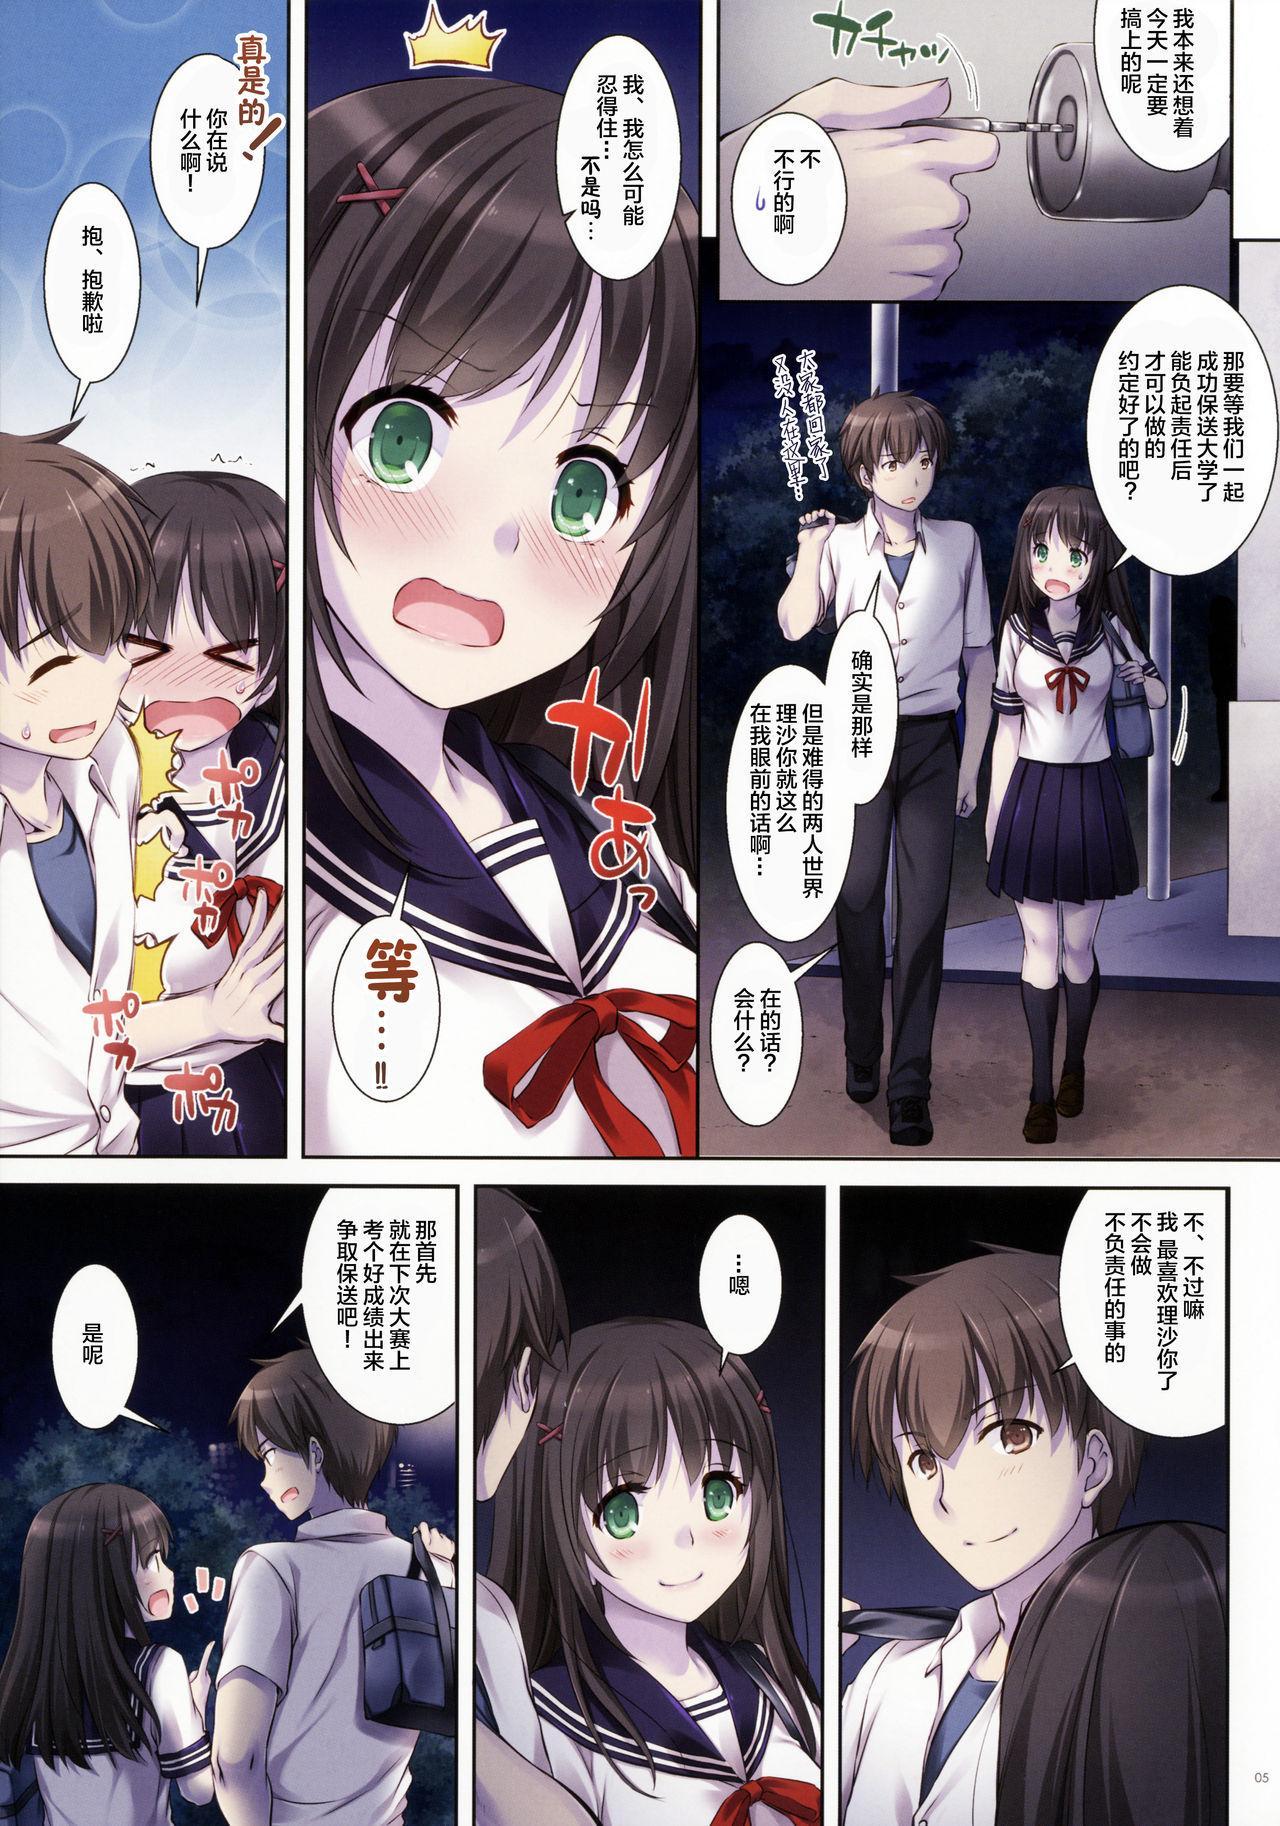 DLO-01 Kare to no Yakusoku 4